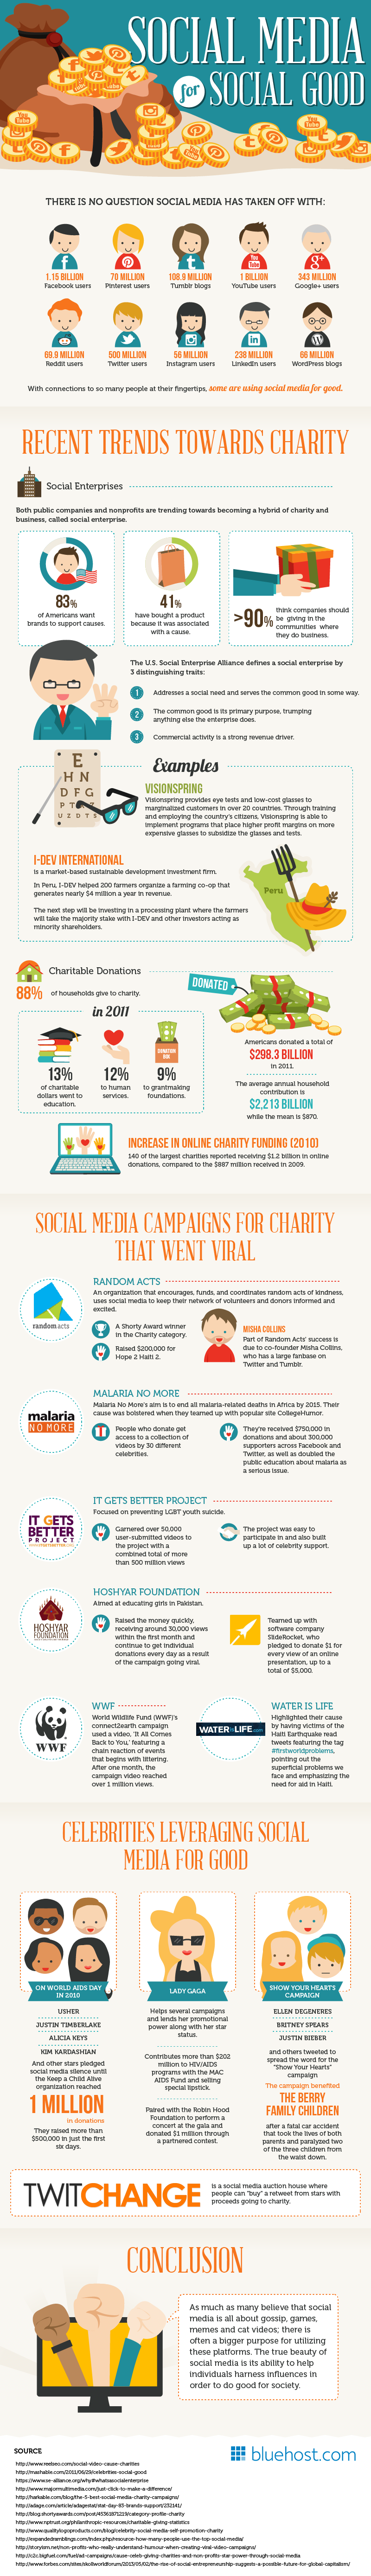 Social Media For Good